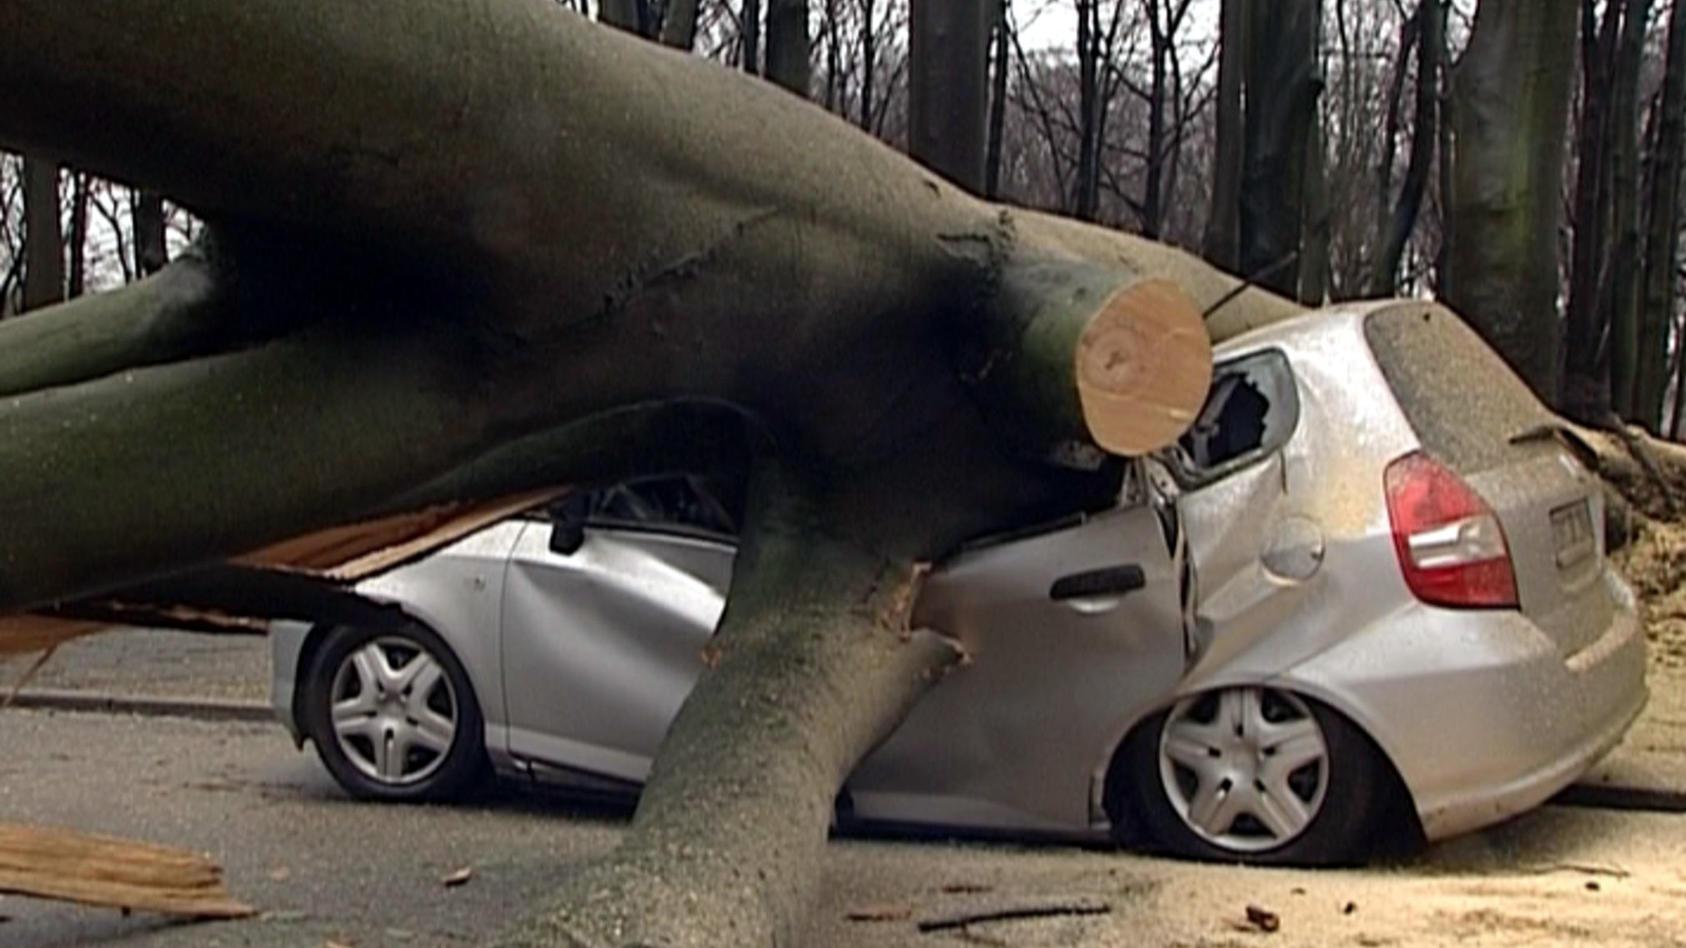 Immer wieder kommt es zu unglücklichen Unfällen, wo ein Baum auf ein Auto fällt. (Symbolbild)